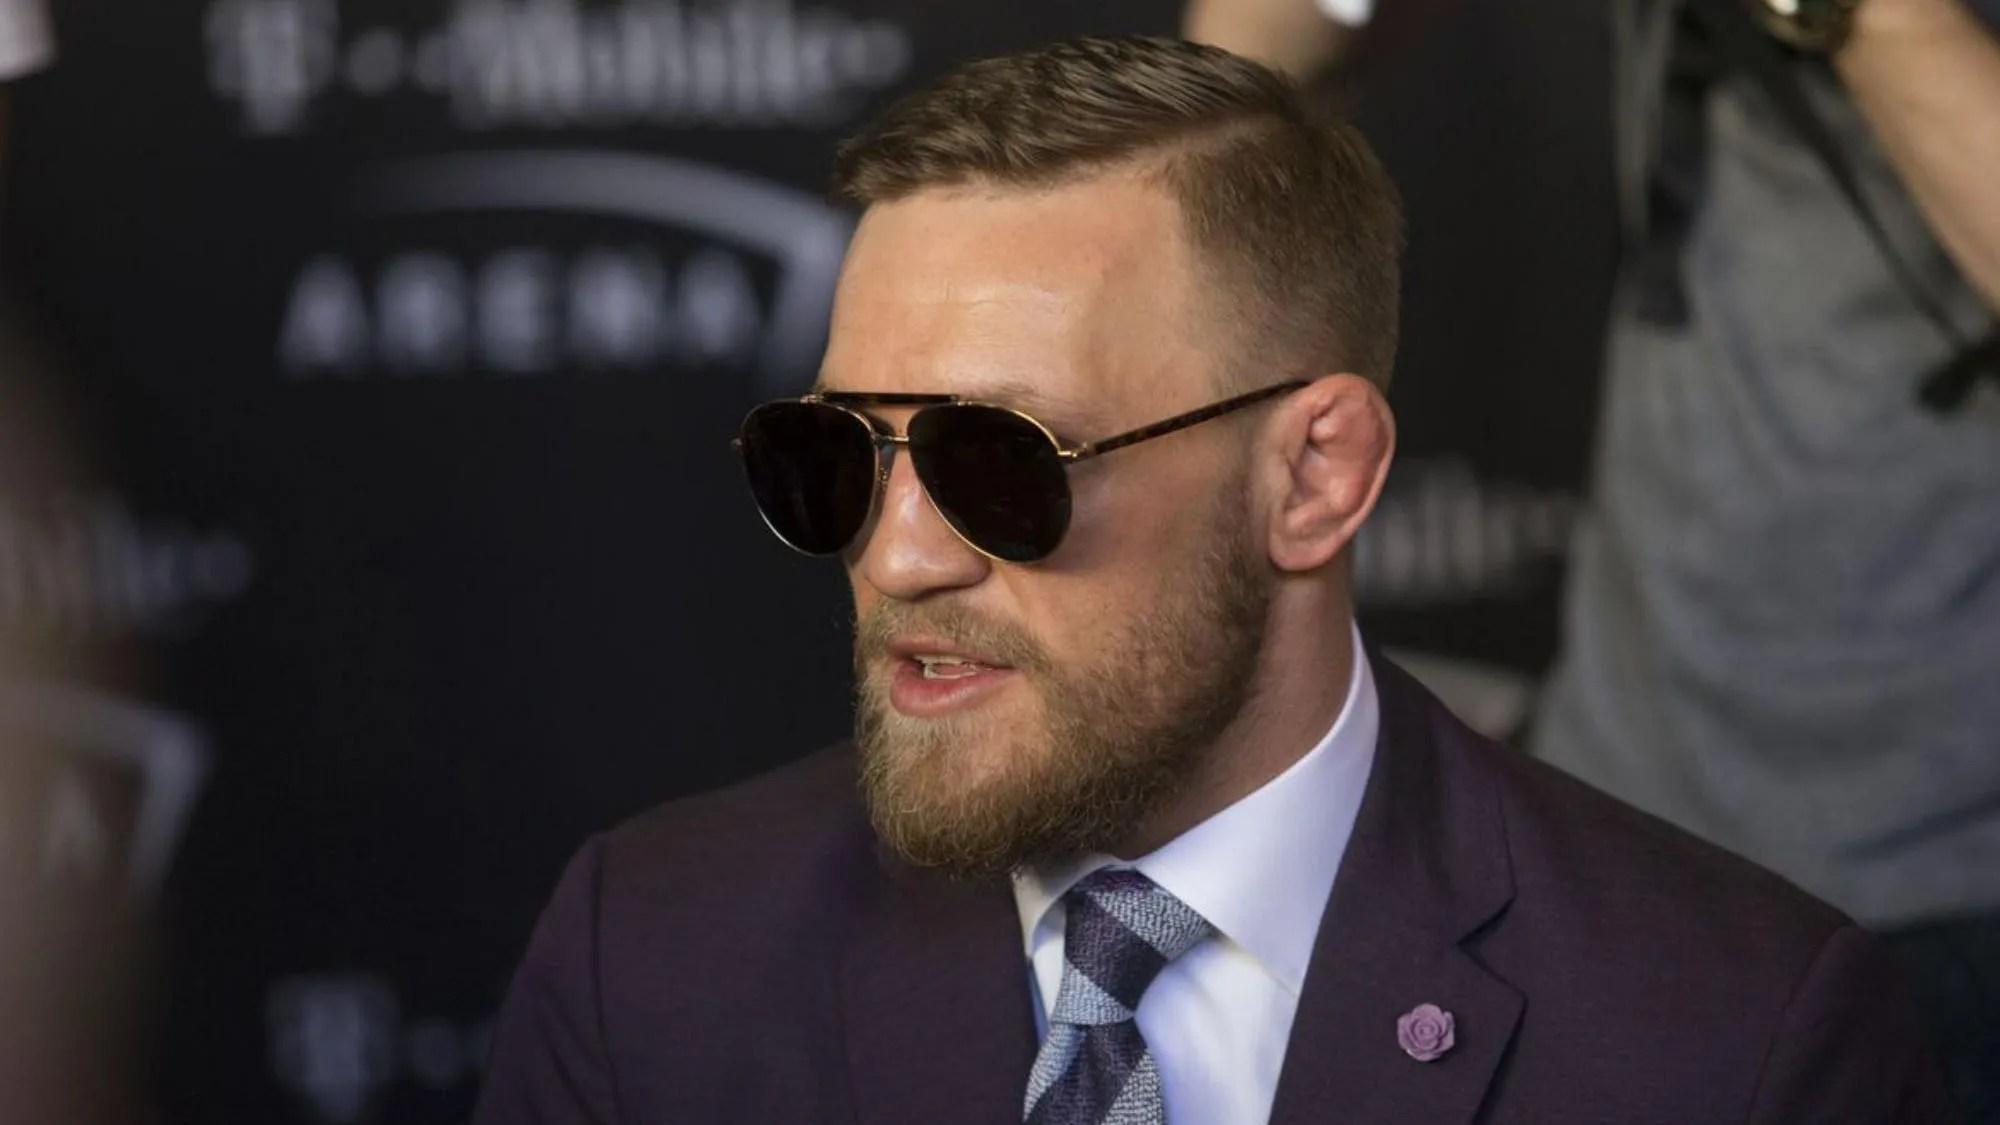 conor mcgregor shades